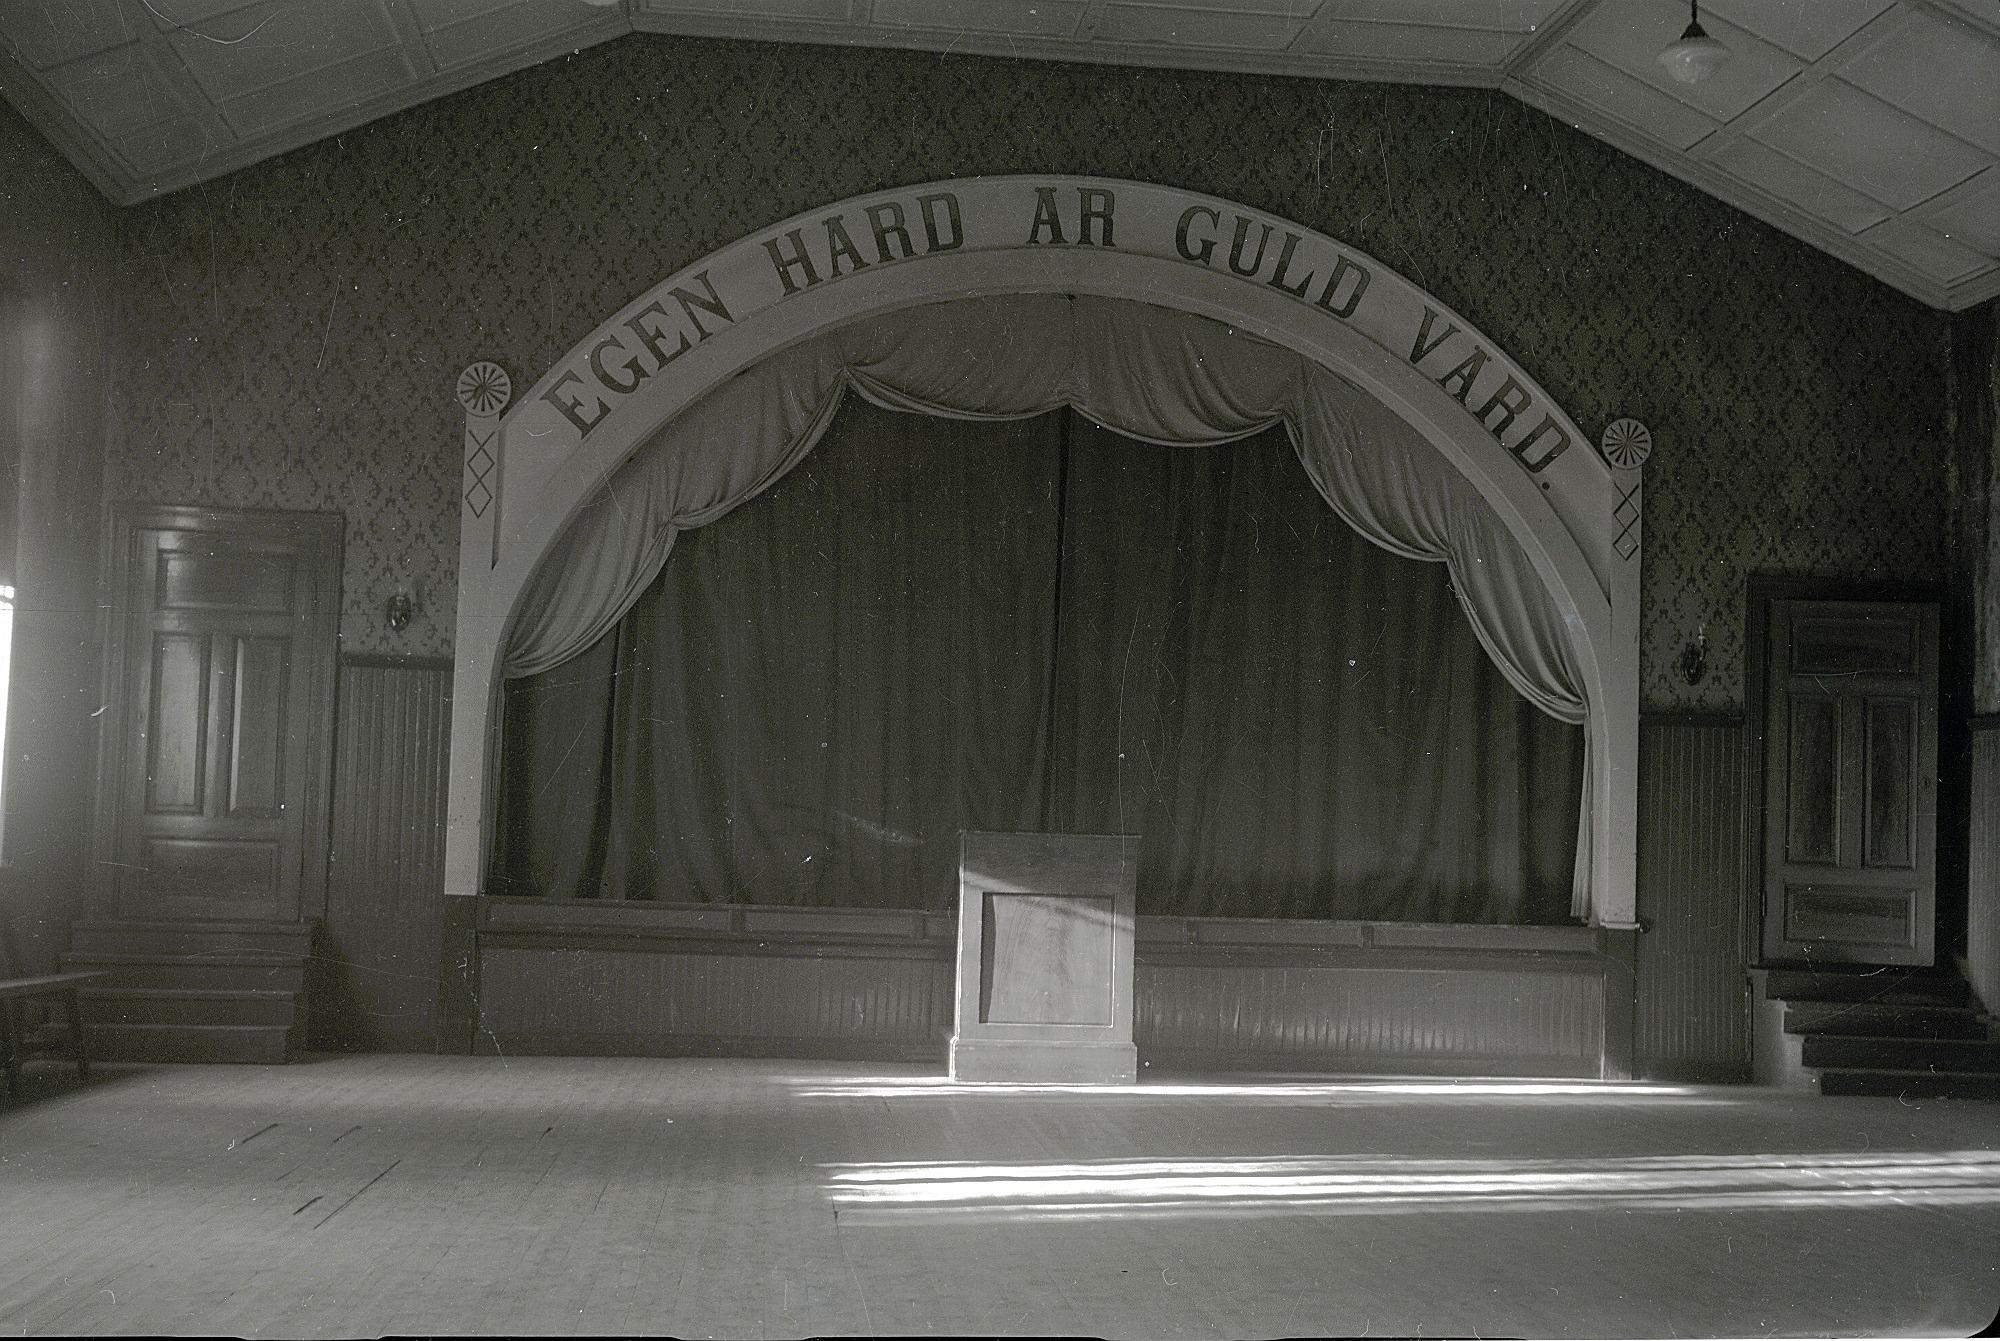 Scenen i den nyrenoverade ungdomslokalen var vackert smyckad och ovanför den ett mycket passande ordspråk. Fotot från 1929.